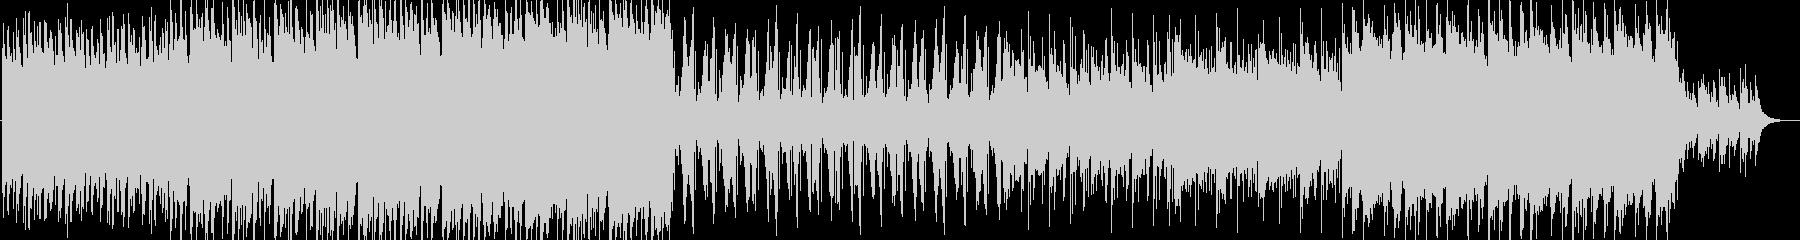 エレクトロニカ/アンビエント/ピアノ/の未再生の波形